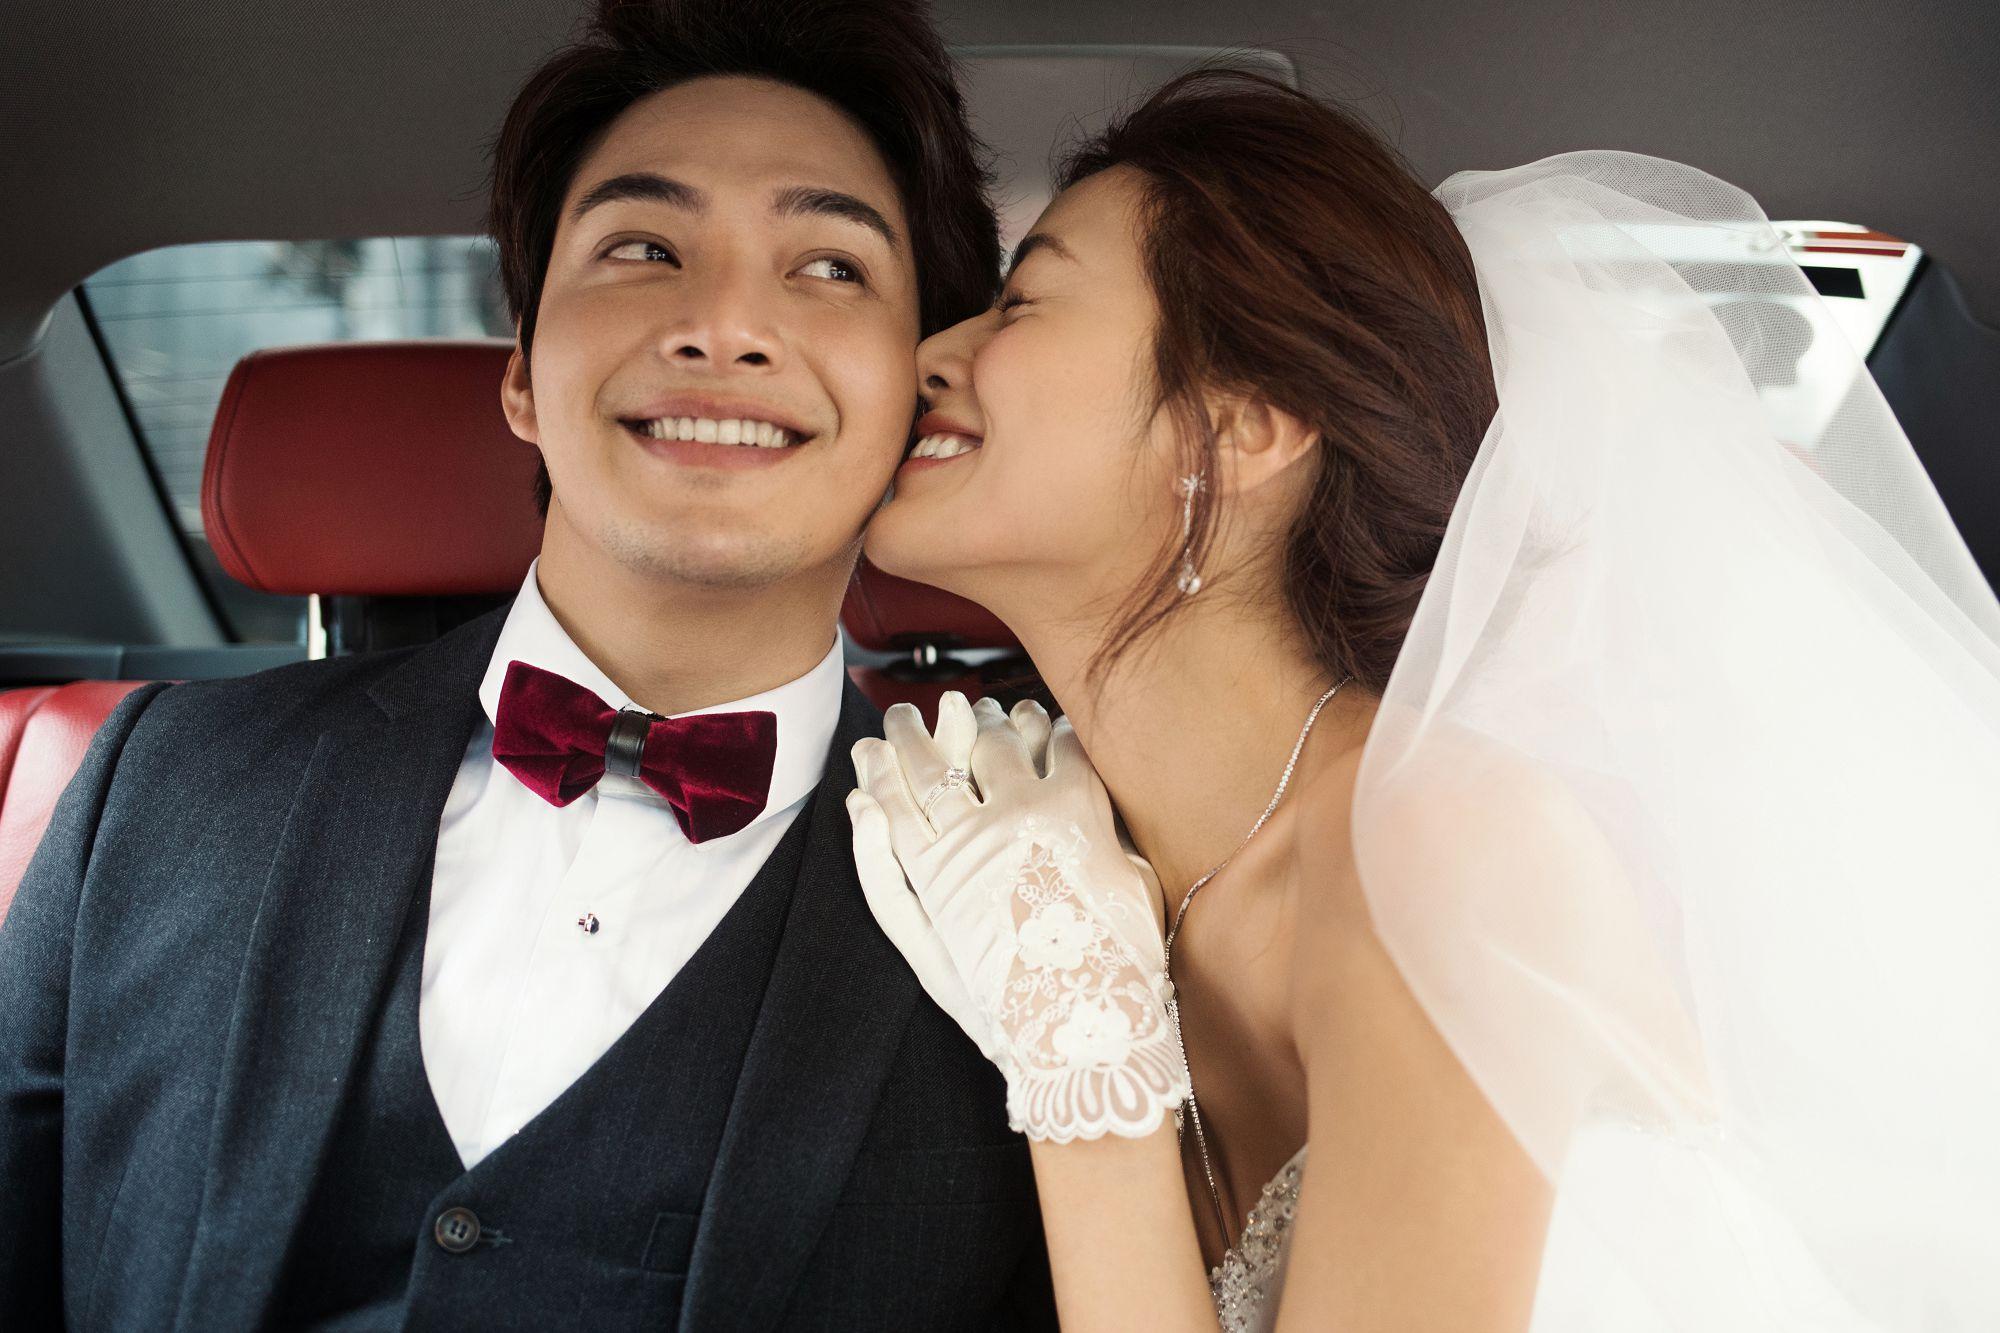 婚礼摄影师怎么选,怎样才能拿到满意的婚礼实录